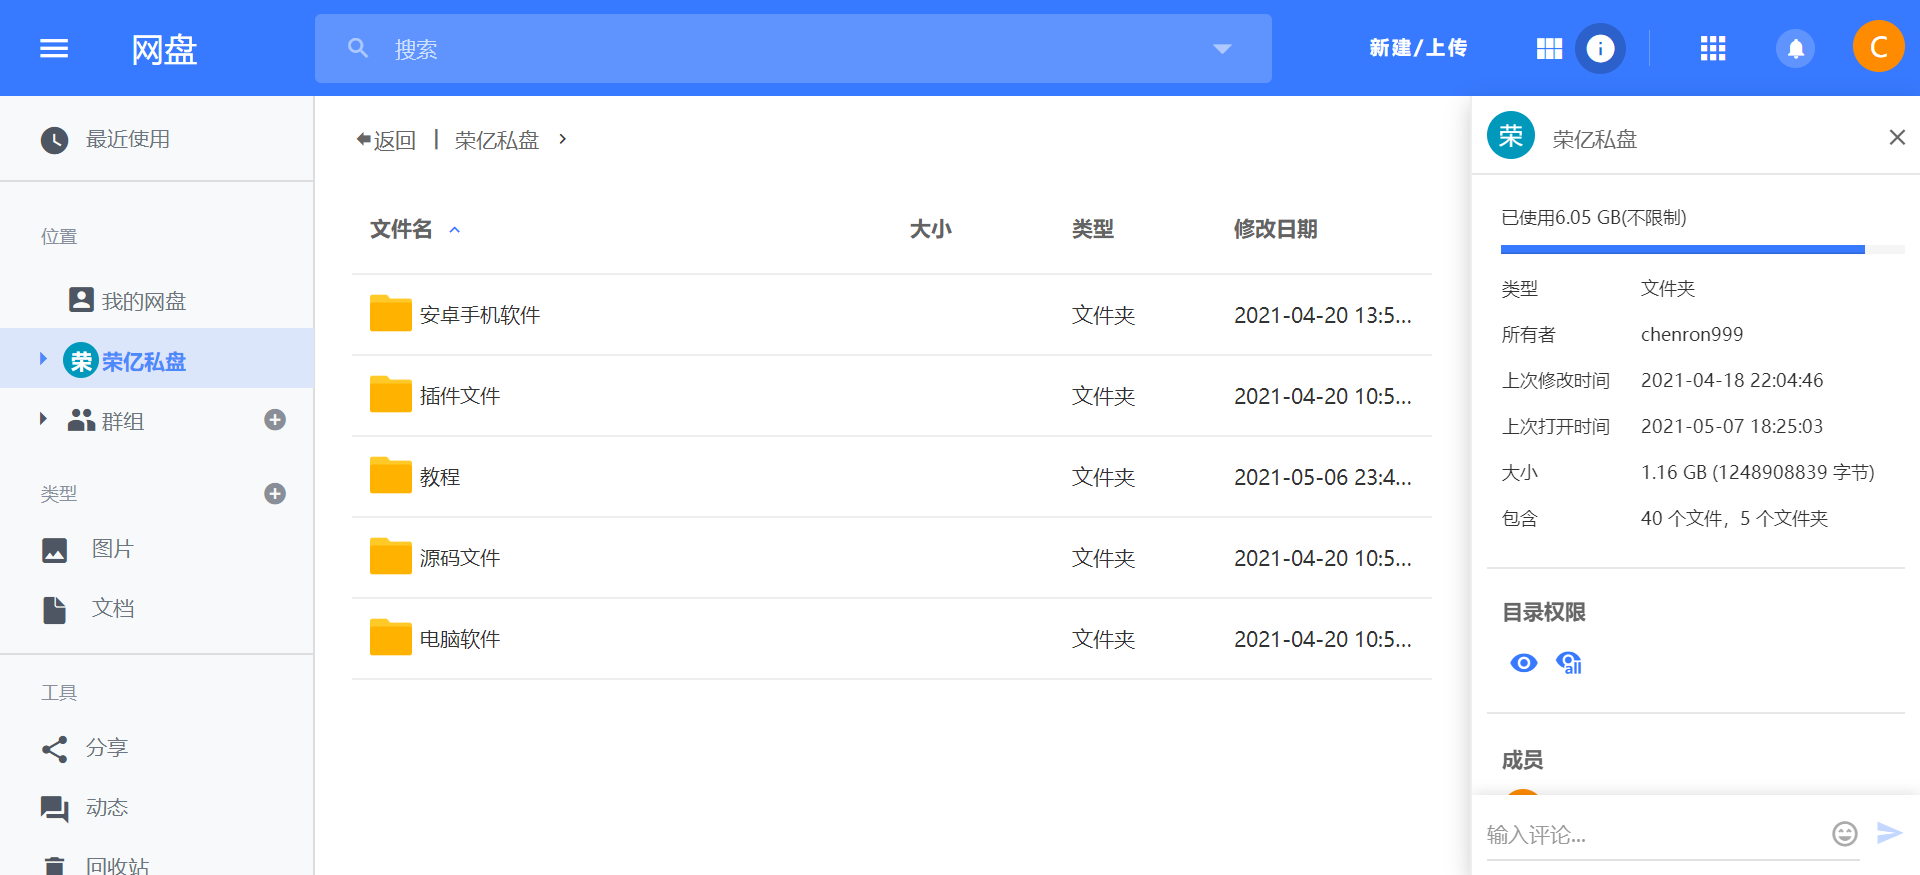 dzzoffice网盘系统源码